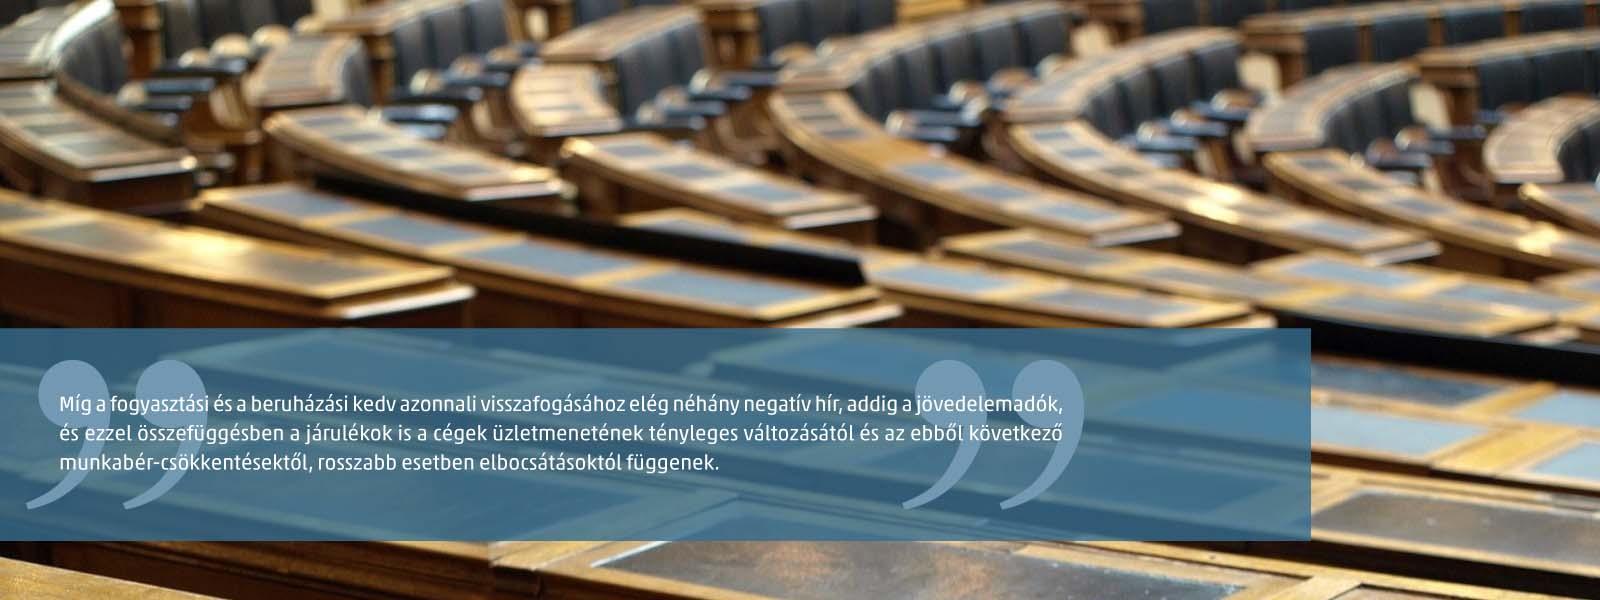 A 2020-as magyar költségvetés adó-és társadalombiztosítási bevételei a koronavírus árnyékában